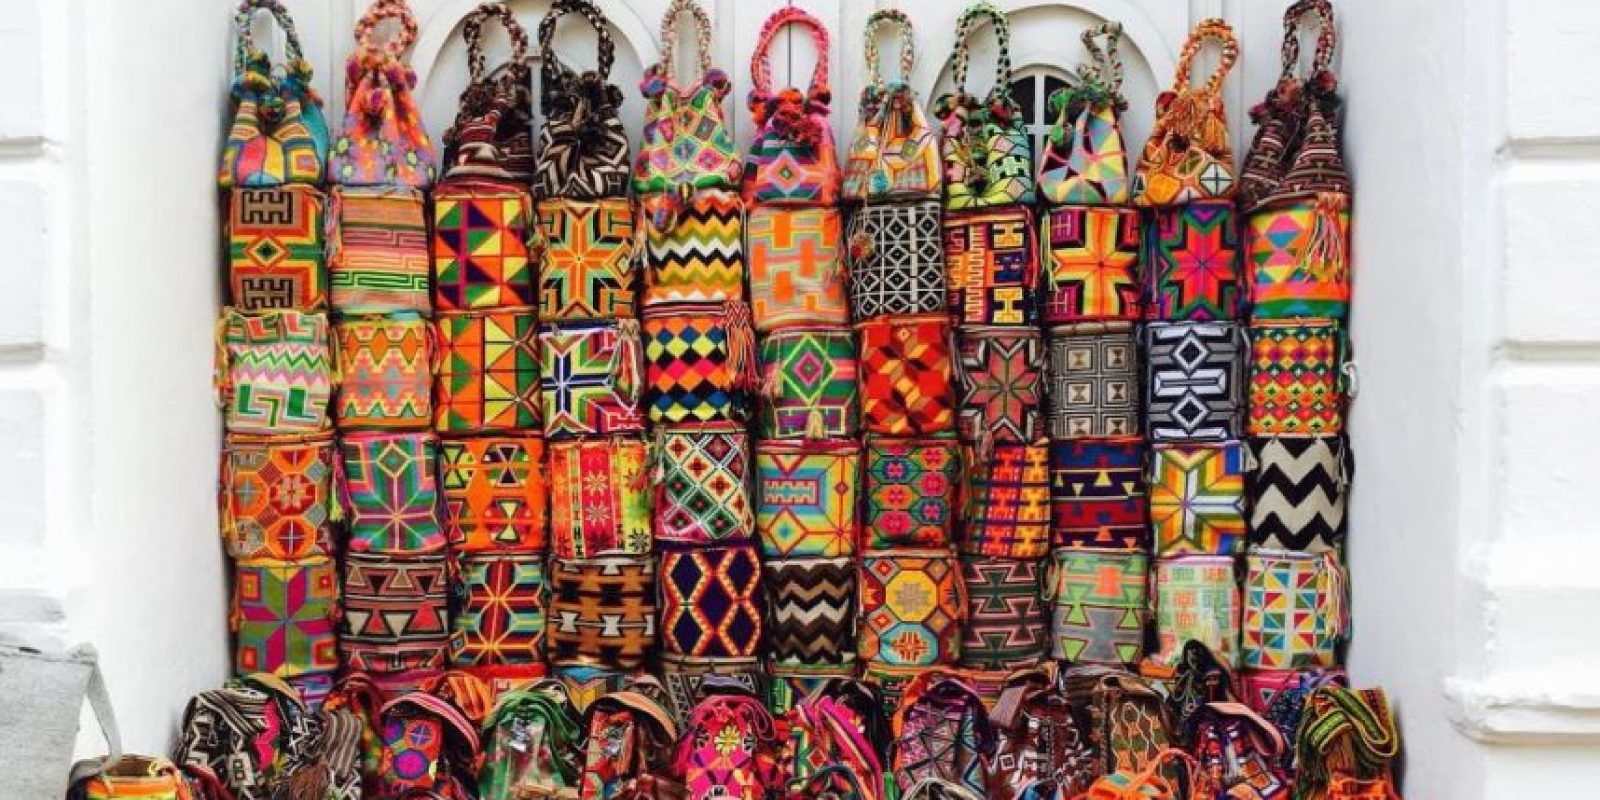 Mochilas Wuyuu. Estos accesorios artesanales elevan su valor cuando se les incrusta pedrería. Foto:Vía Instagram